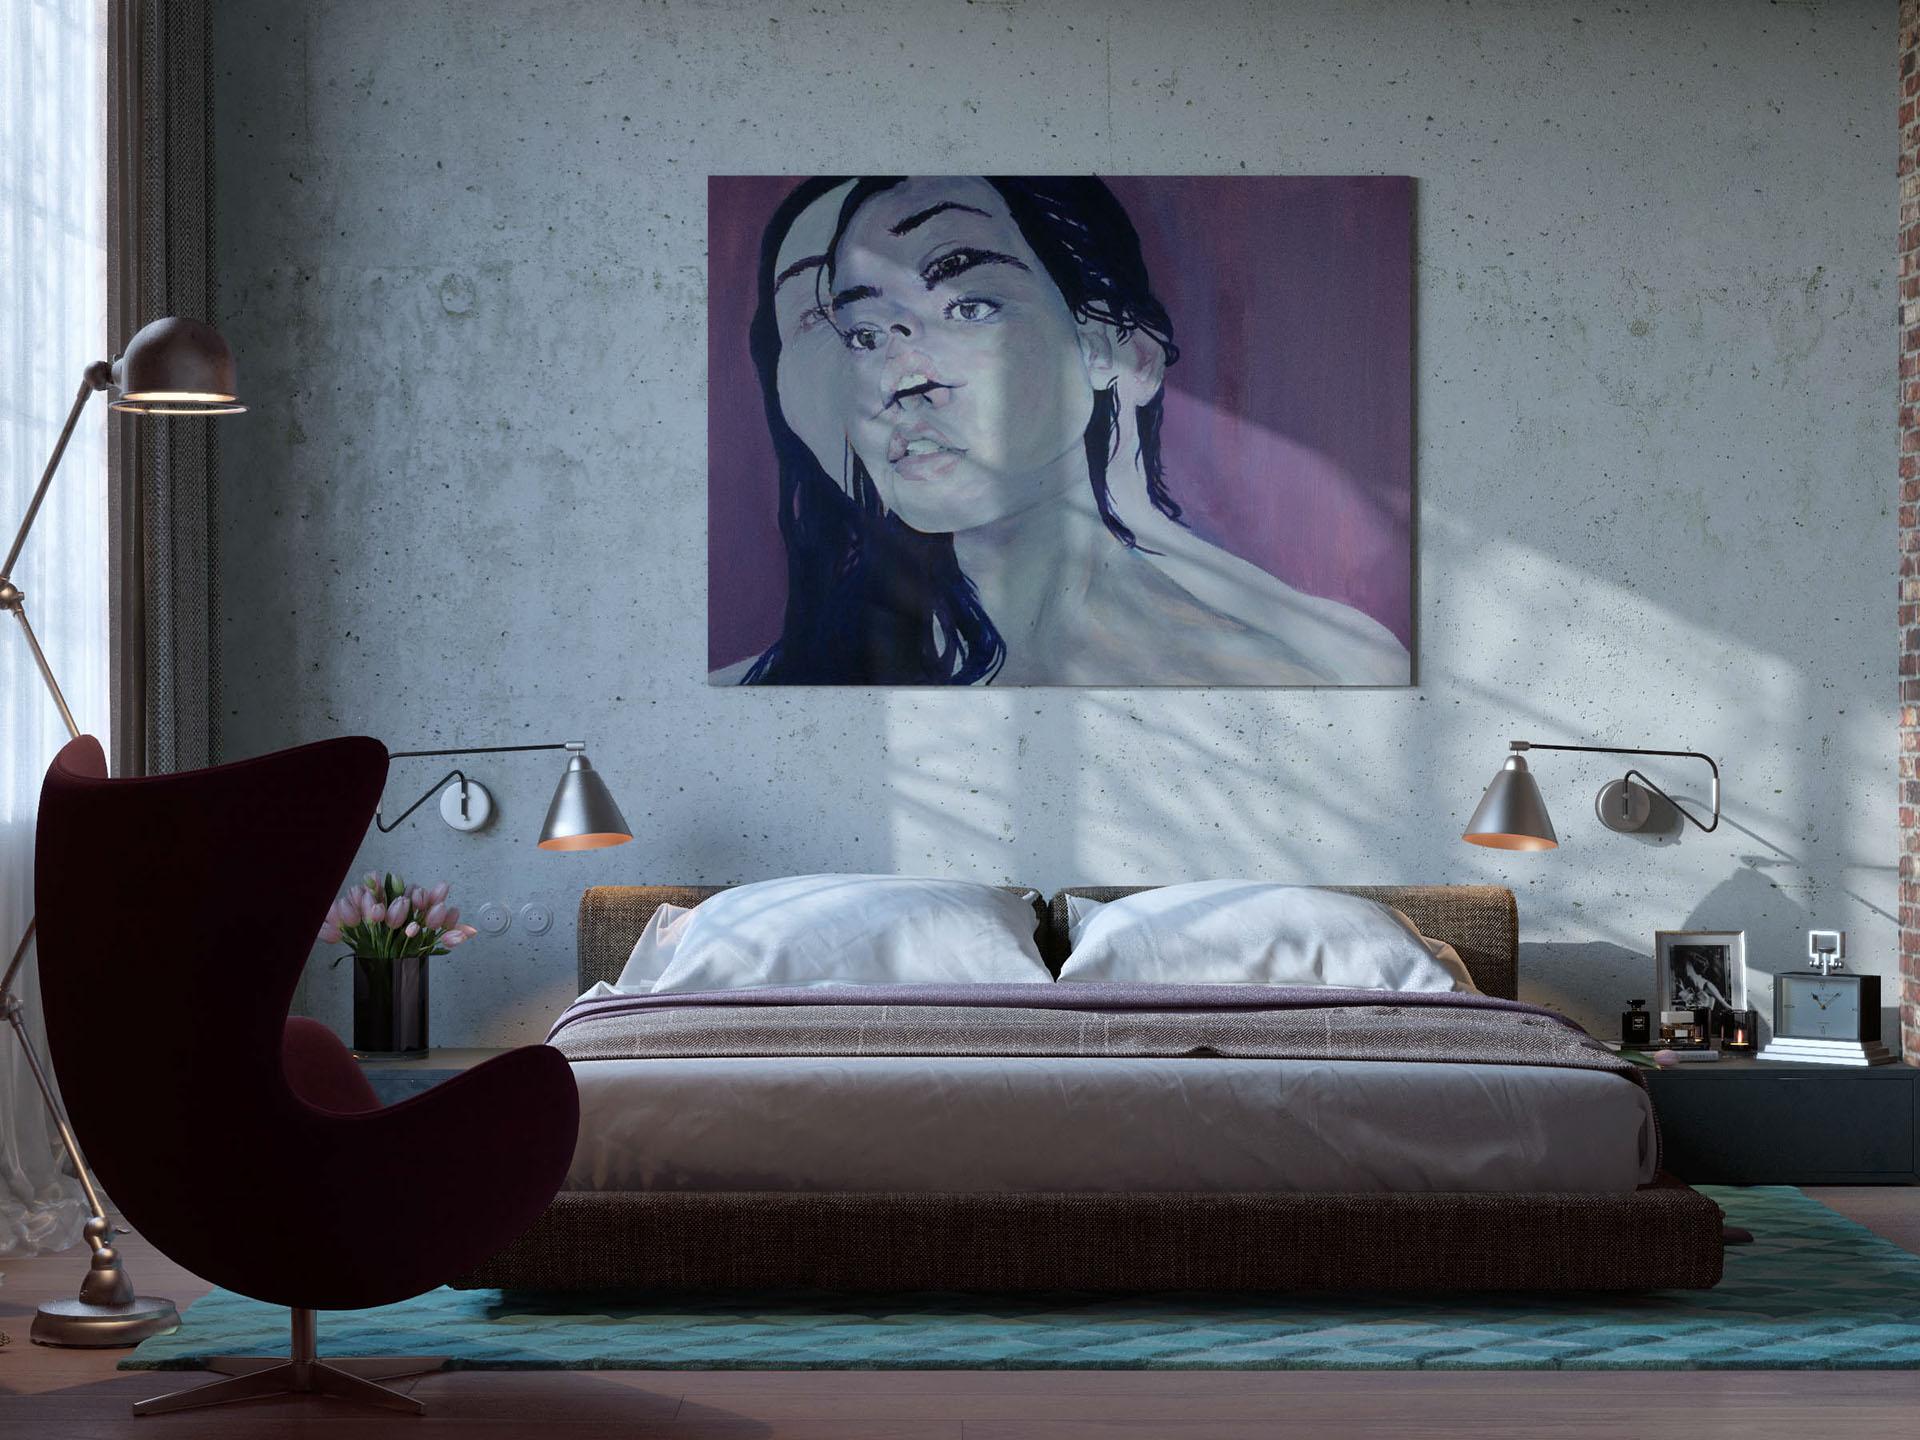 13 mẫu ghế cho phòng ngủ khiến bạn thậm chí còn yêu ghế hơn giường - Ảnh 9.